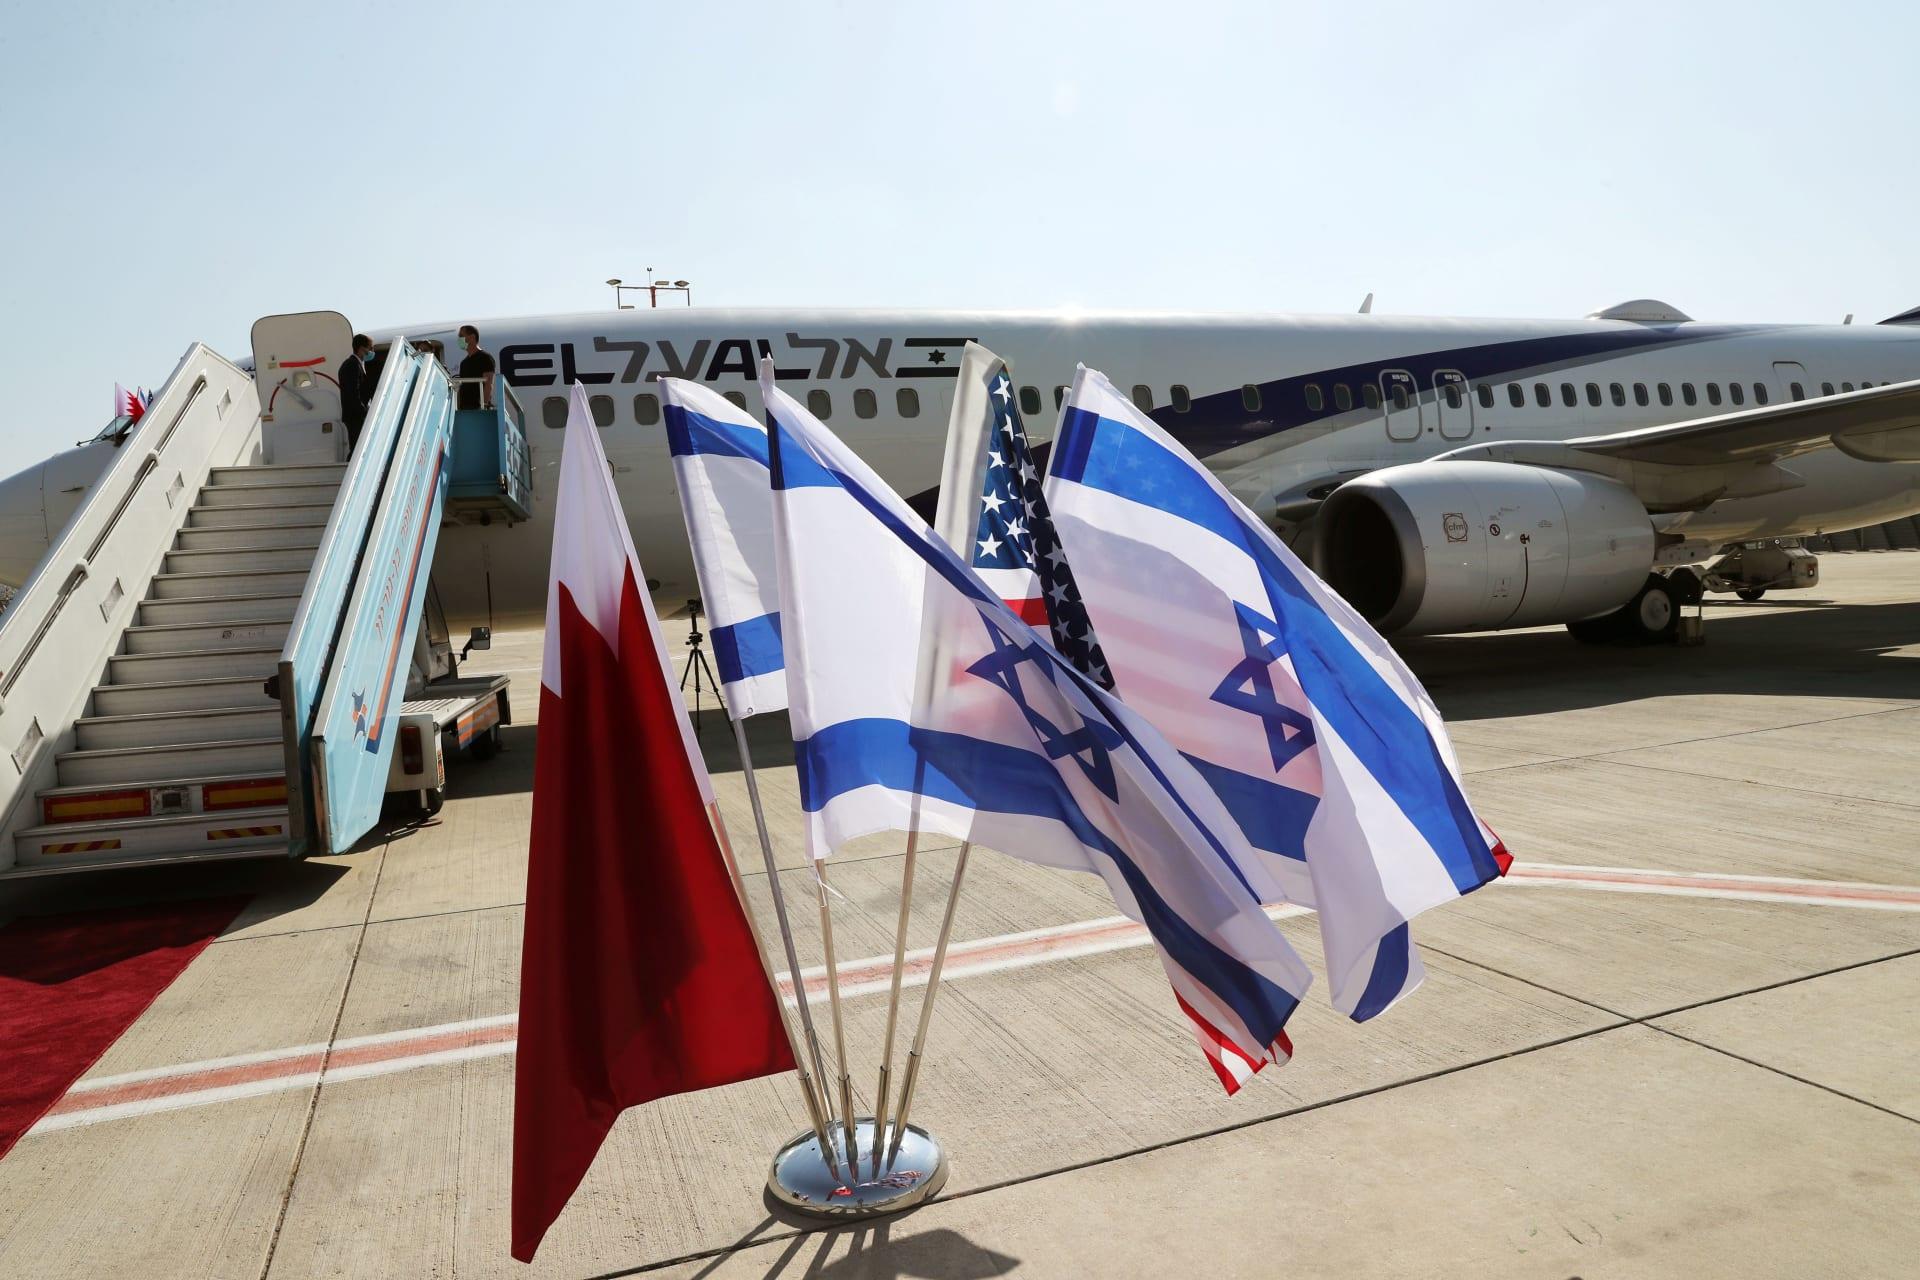 سفير البحرين في تل أبيب يوجه رسالة للحكومة والشعب الإسرائيلي